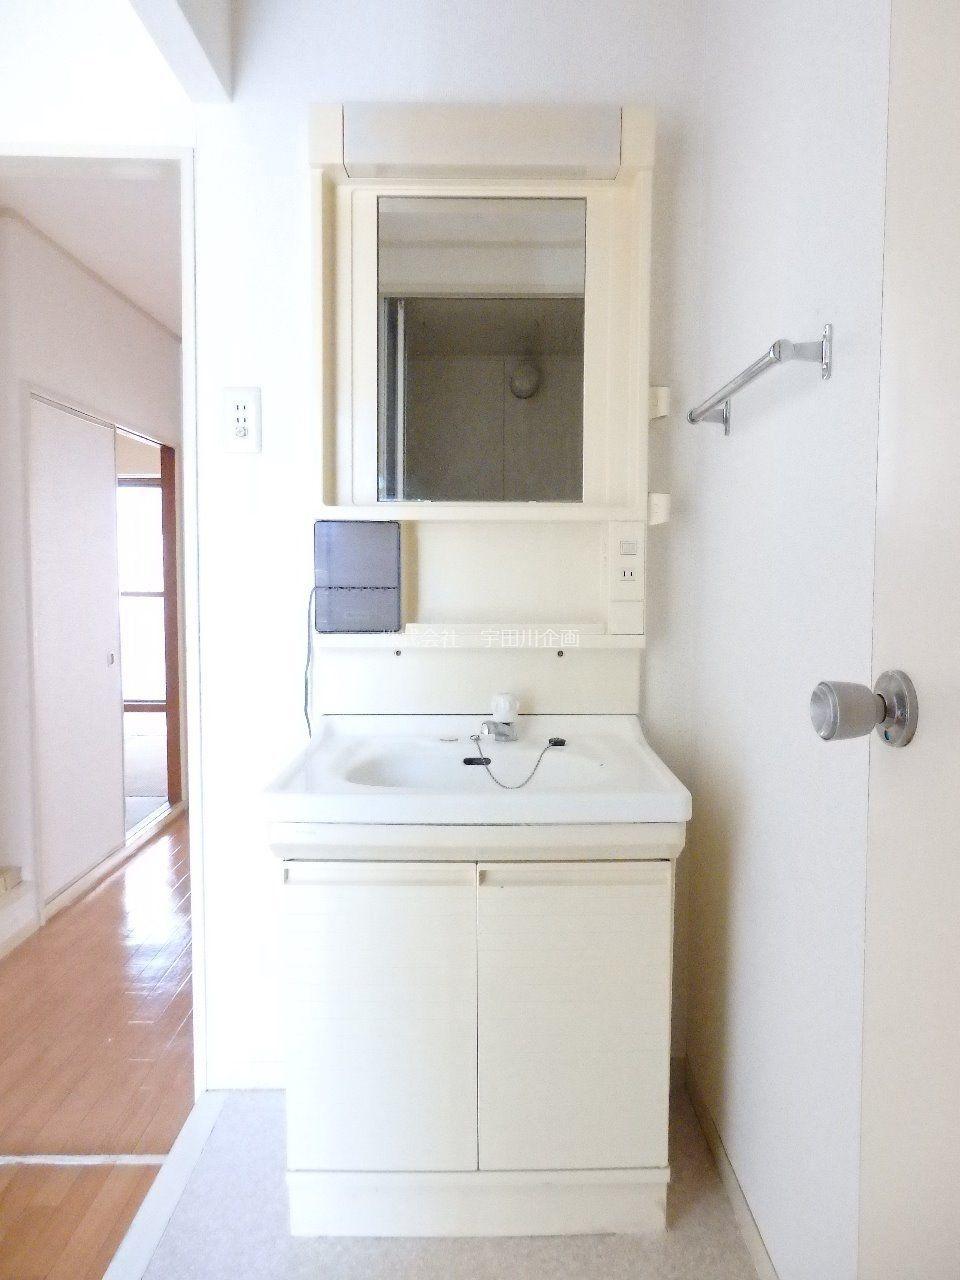 忙しい朝も、洗面化粧台があると、とても便利です。